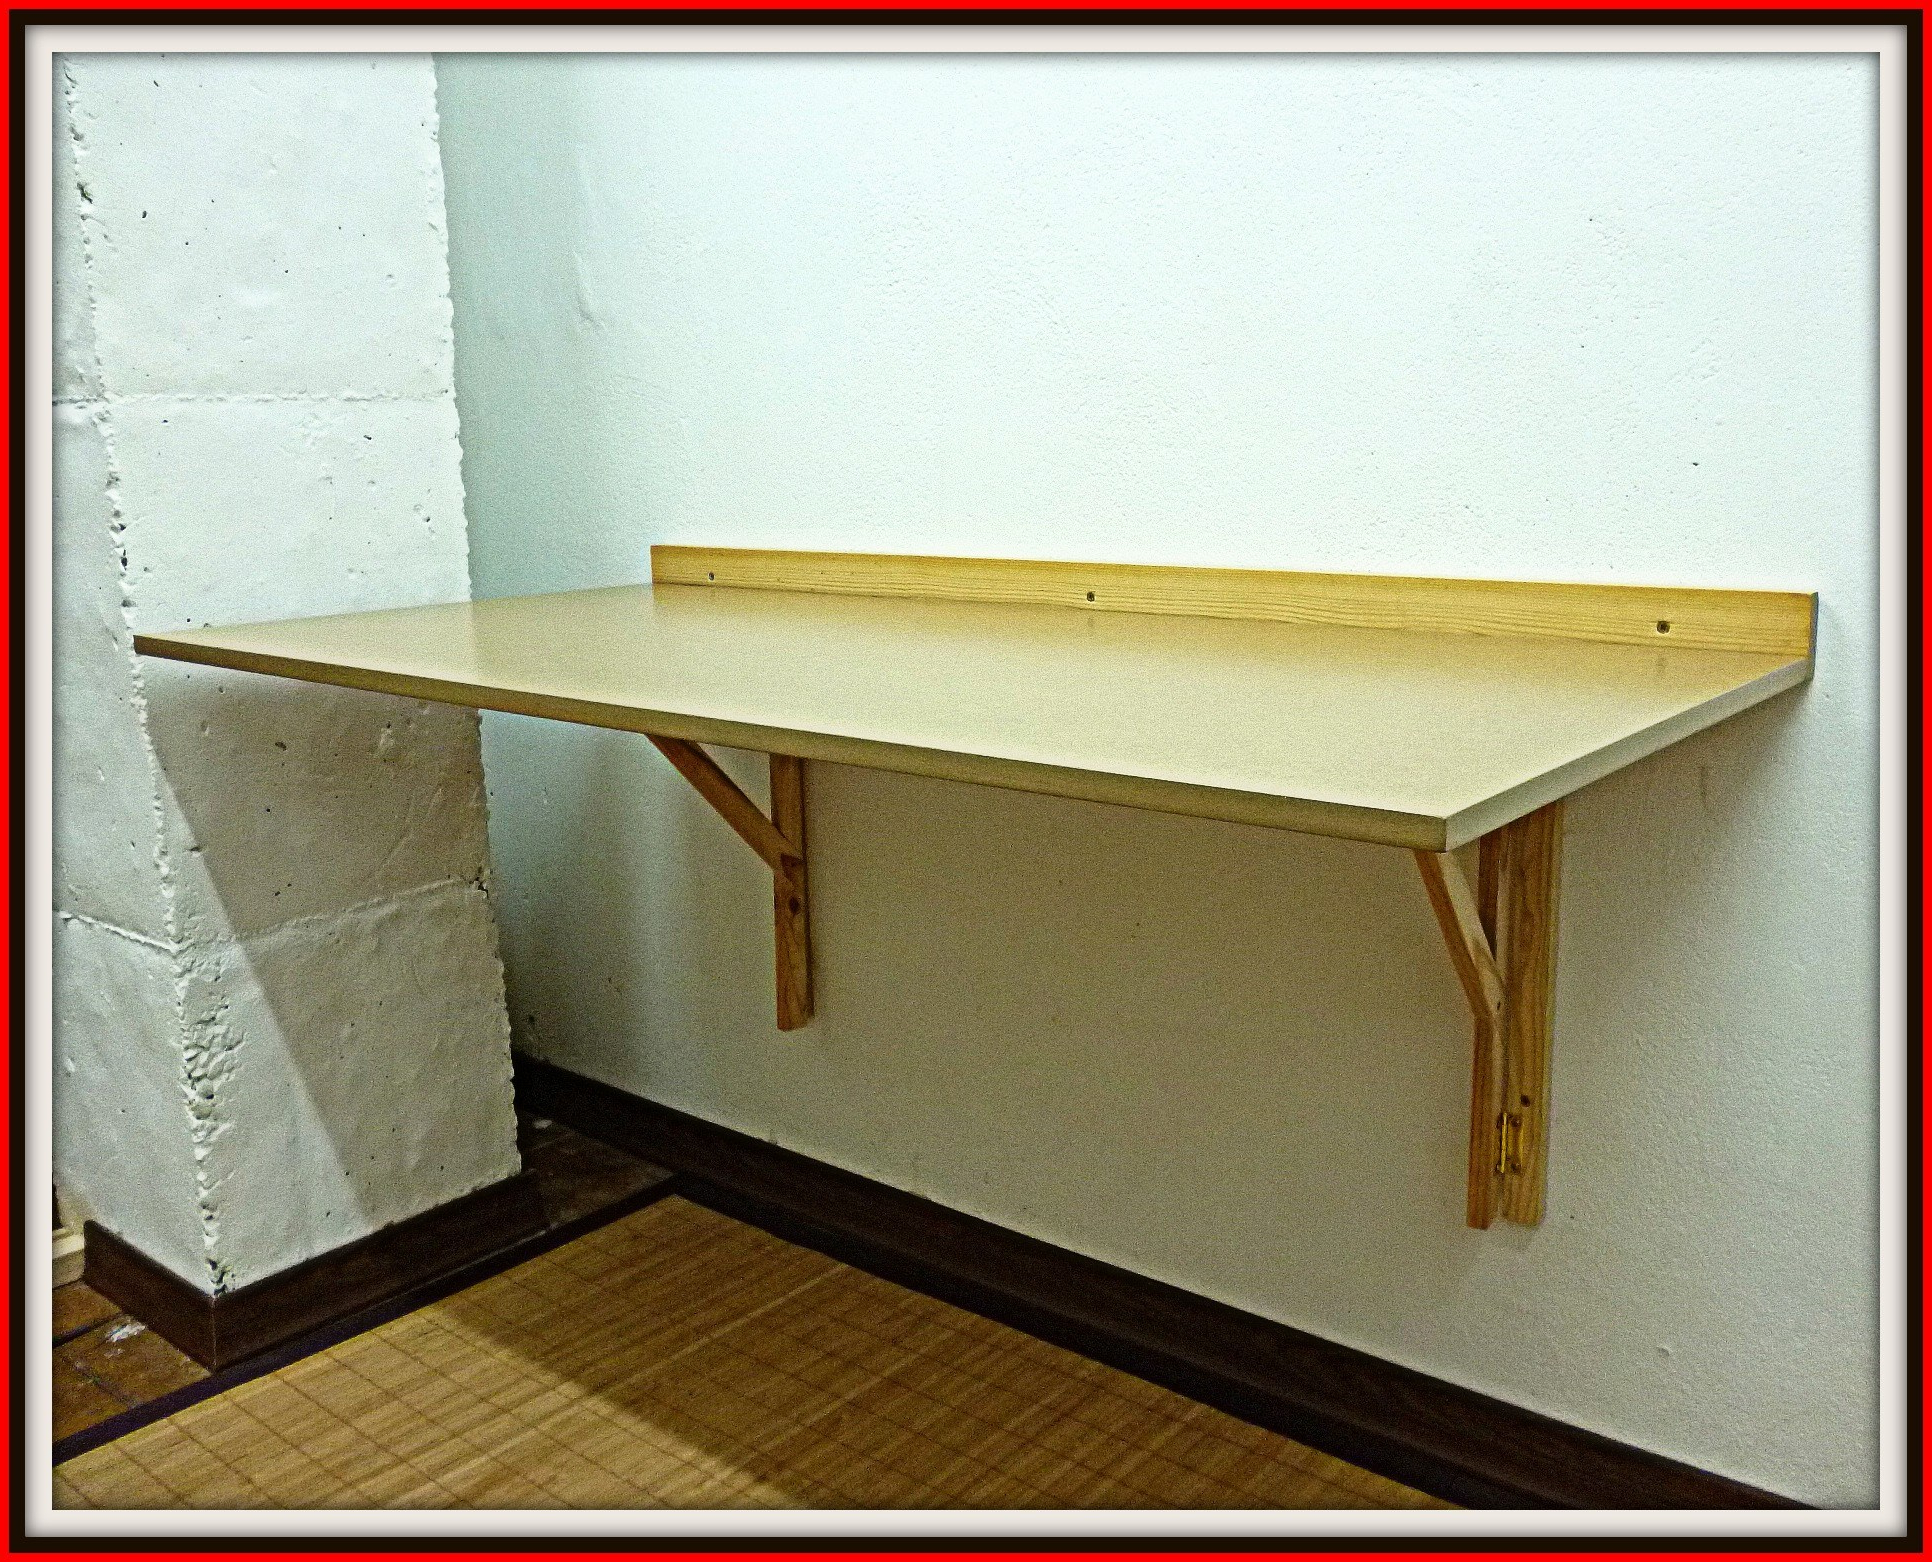 Mesas De Pared Cocina Ikea.Mesa Abatible Pared Ikea O2d5 Norberg Mesa Abatible De Pared Blanco